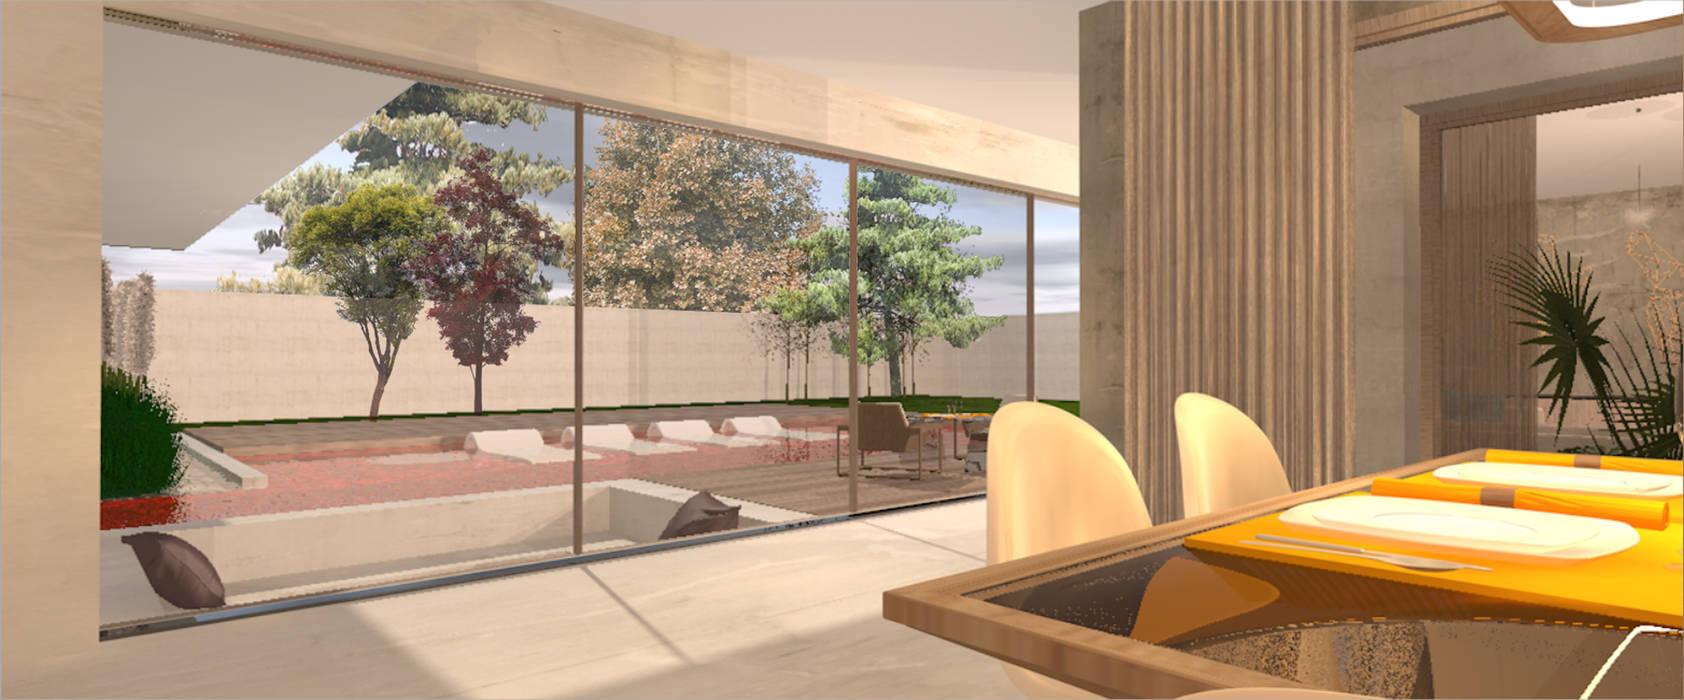 Casa La Dehesa: Chalets de estilo  por CB Luxus Inmobilien,